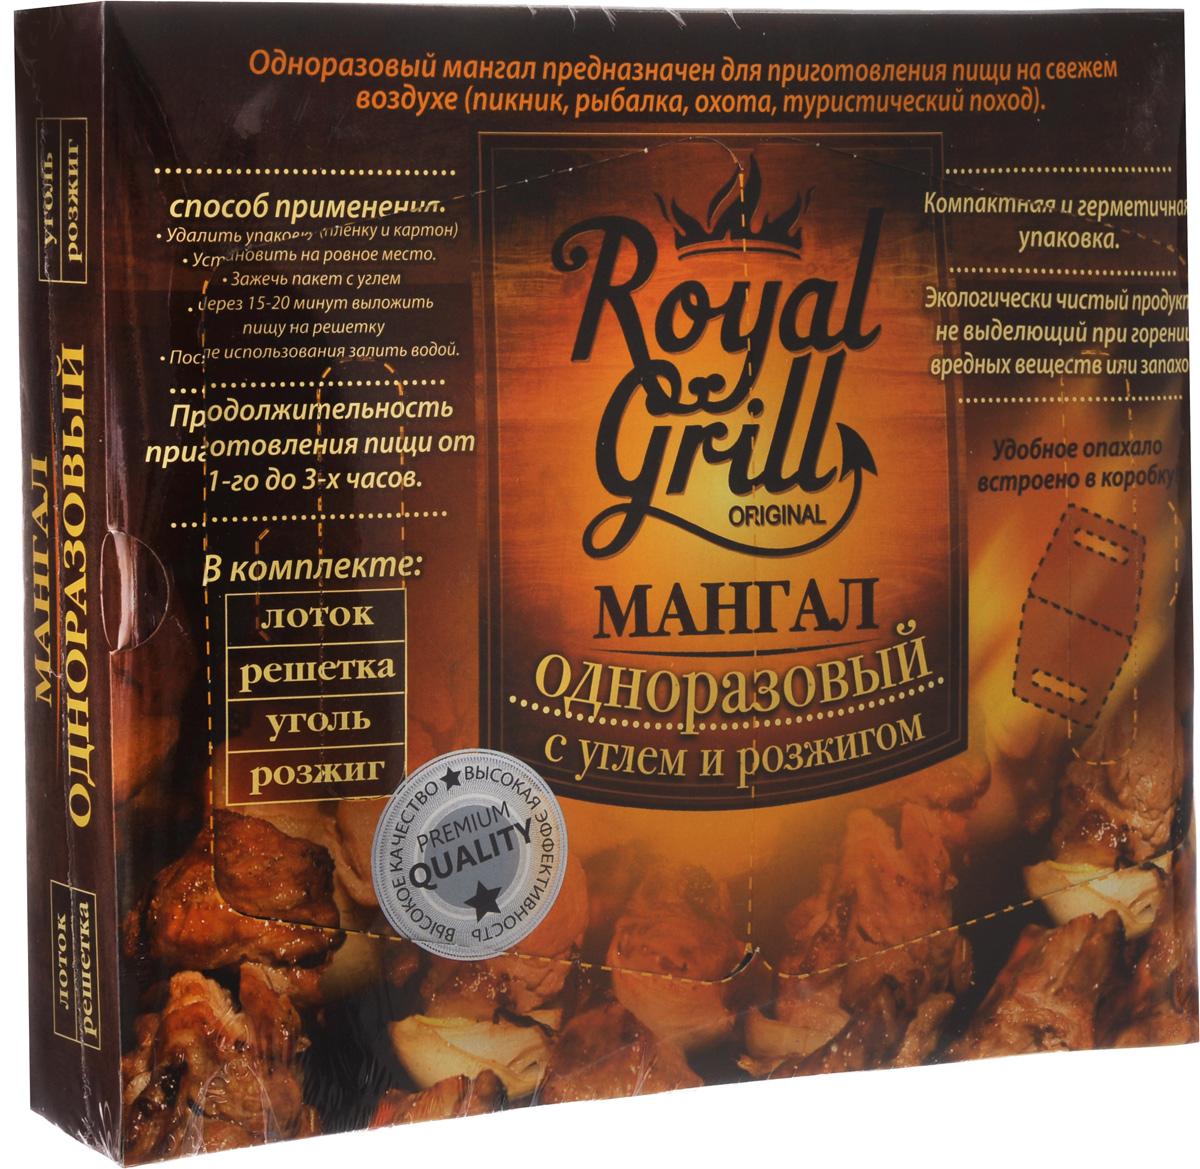 """Одноразовый мангал """"RoyalGrill"""" выполнен из металла. Внутри мангала  расположены брикеты из древесного угля. Сверху расположена металлическая  решетка на которую выкладываются продукты. Этот мангал поместится в любой  рюкзак или сумку, даже в пакет. В комплекте также имеются розжиг и удобное  опахало, встроенное в коробку. Многие обожают выезжать на природу – здоровая атмосфера, чистый  воздух, приятная компания, что может быть лучше для полноценного отдыха?  Пикник, проводимый на свежем воздухе, оставляет неизгладимое впечатление:  все воспринимается ярче и насыщенней. Редкий пикник обходится без  приготовления горячих блюд: шашлыков, запеченных продуктов, мяса, рыбы или  овощей. Однако для того чтобы приготовить шашлык по всем правилам, очень  важно использовать соответствующие приспособления, одним из которых  является мангал. Это устройство пользуется большой популярностью сегодня.  Представляя собой эффектную установку, мангал является и декоративным  элементом, вписывающимся в ландшафт, и средством для  приготовления горячих блюд на открытой площадке."""